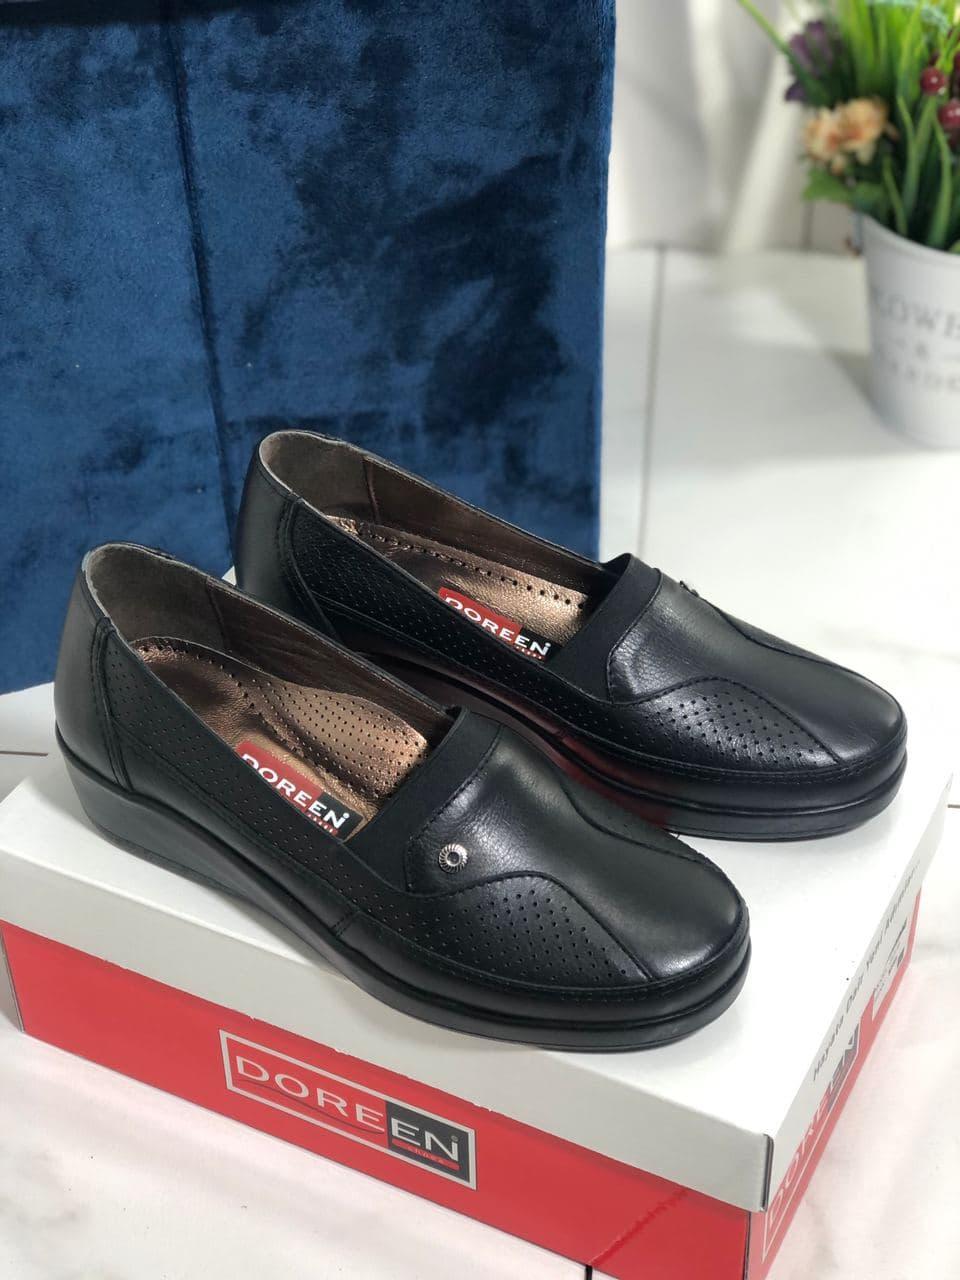 Туфли женские черные Doren 20191-000-siyah